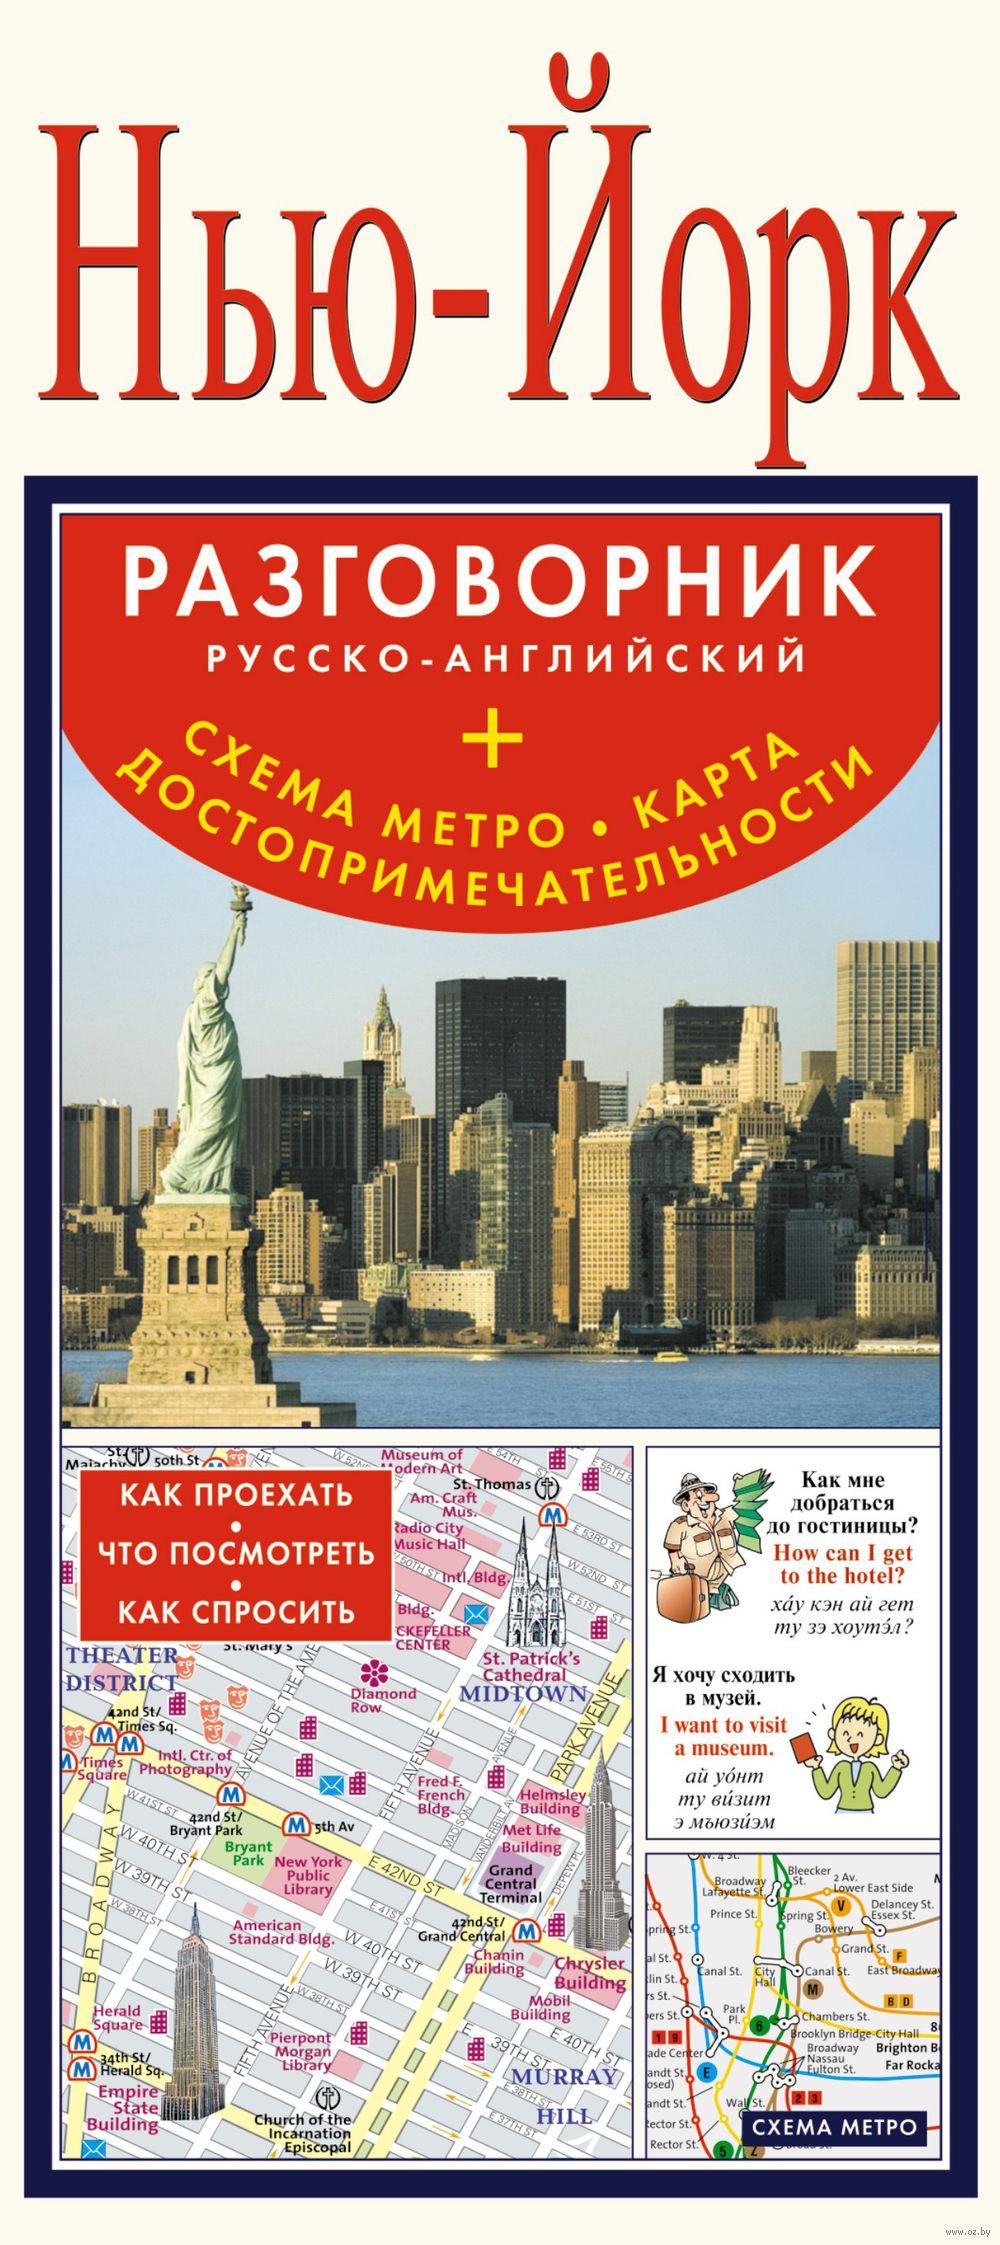 Нью-Йорк. Русско-английский